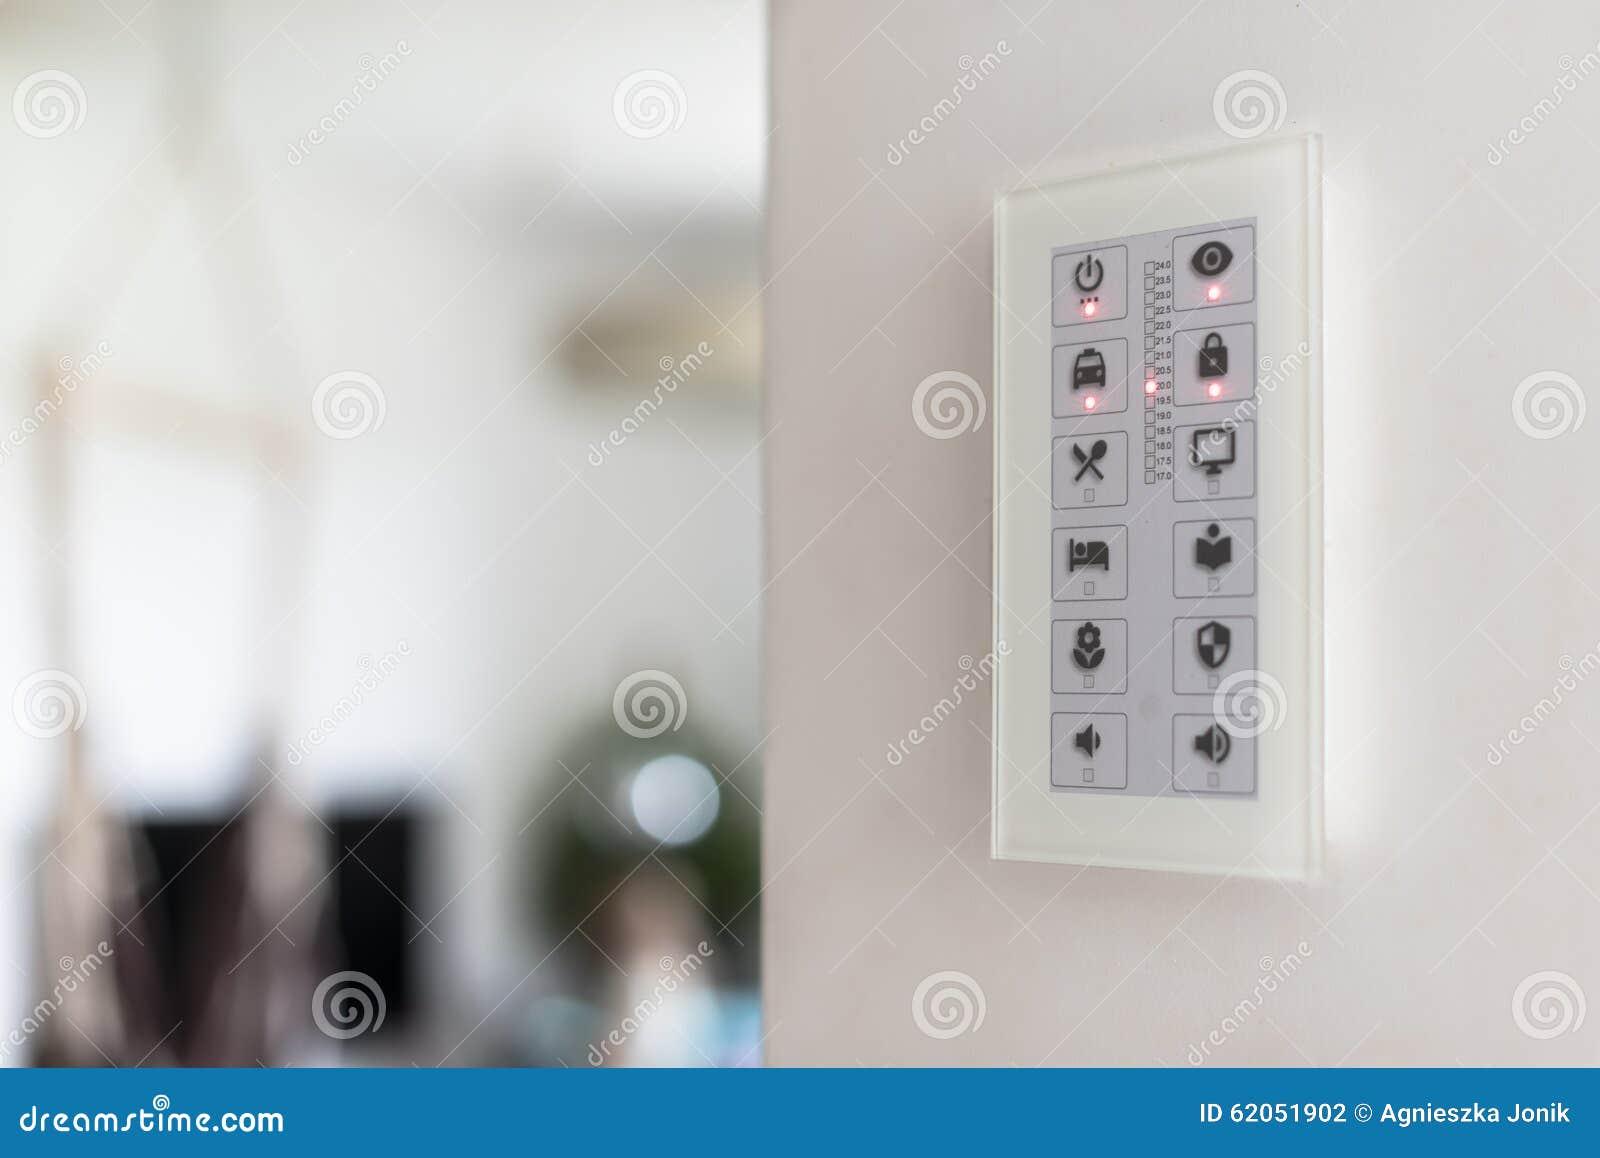 Het paneel van de muuraanraking om intelligente huisapparaten te controleren